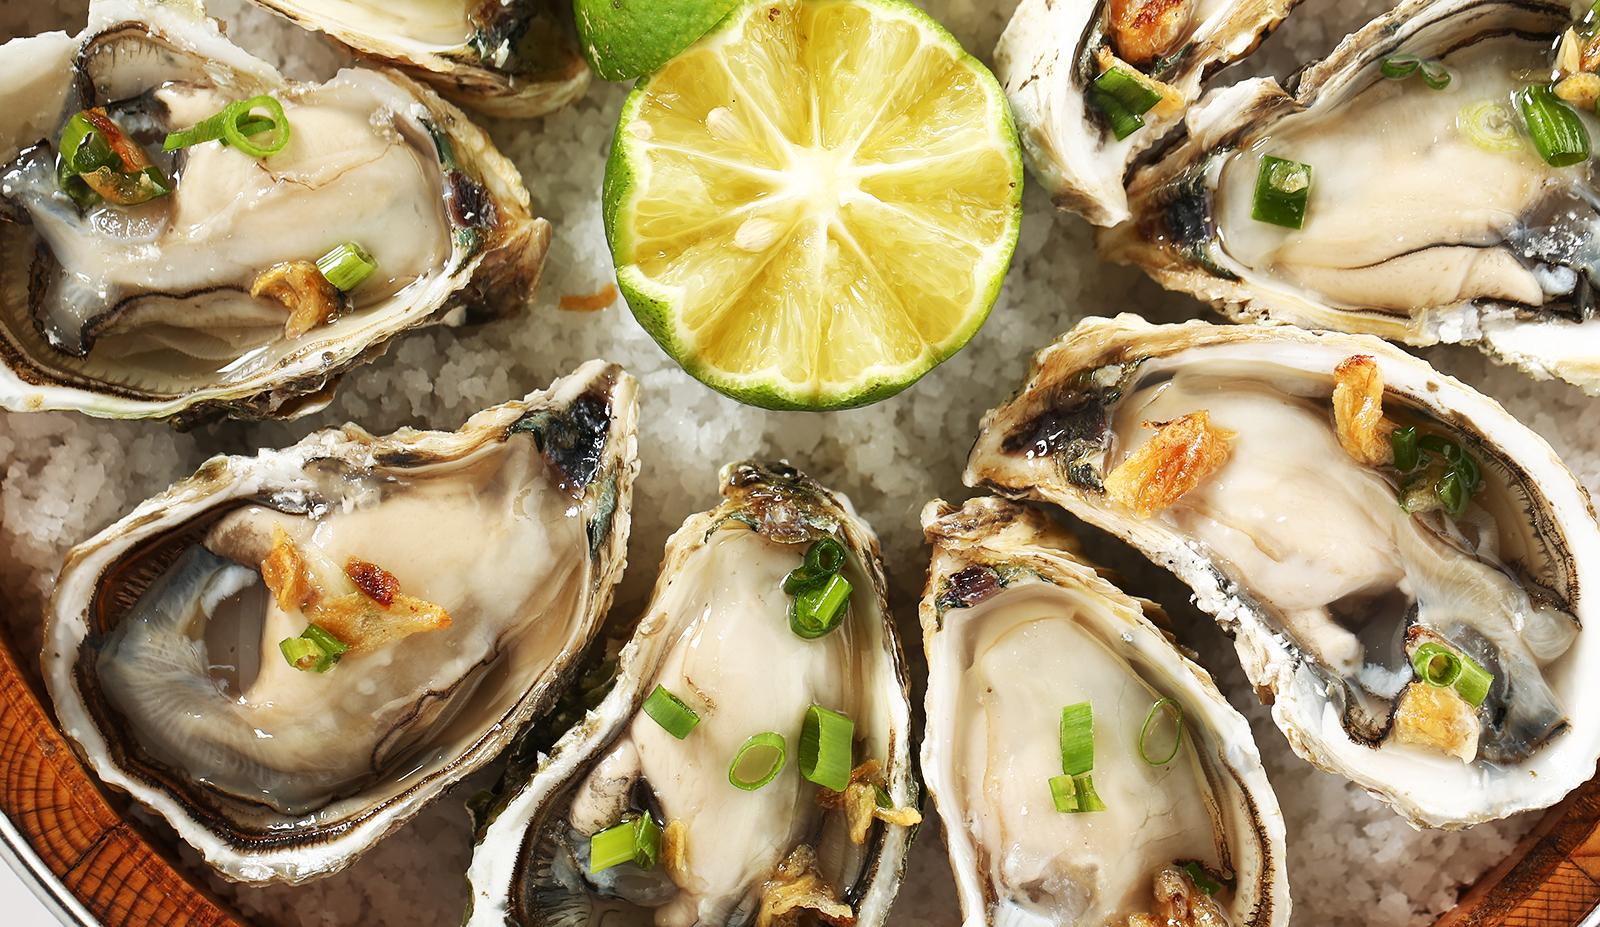 Những món ăn ngon dã man từ hải sản bạn nên thử dù chỉ một lần